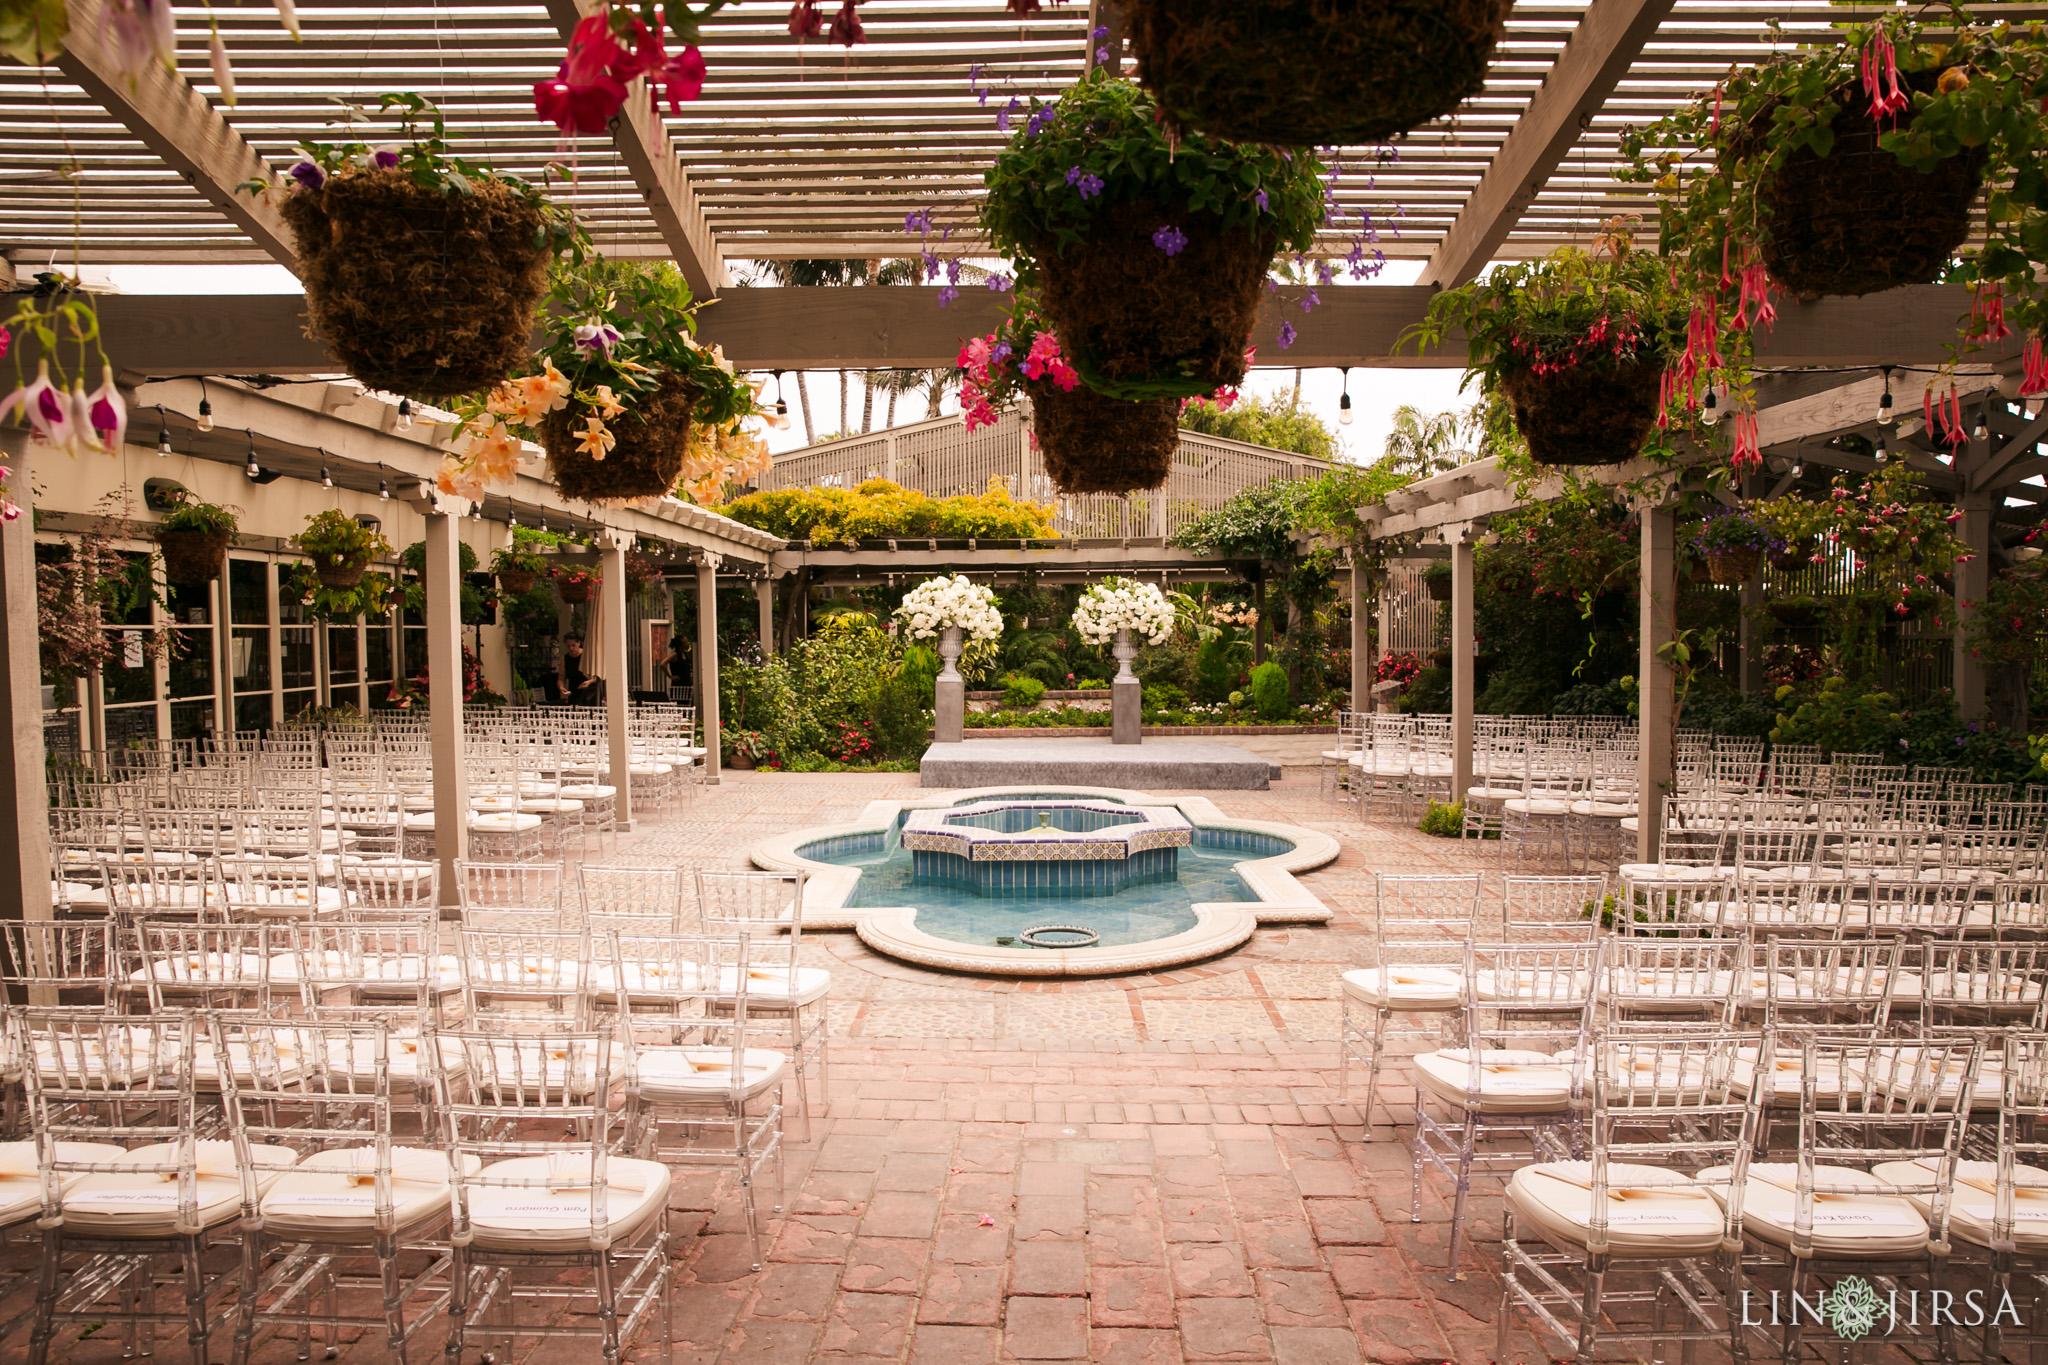 17 sherman library gardens corona del mar same sex wedding photography